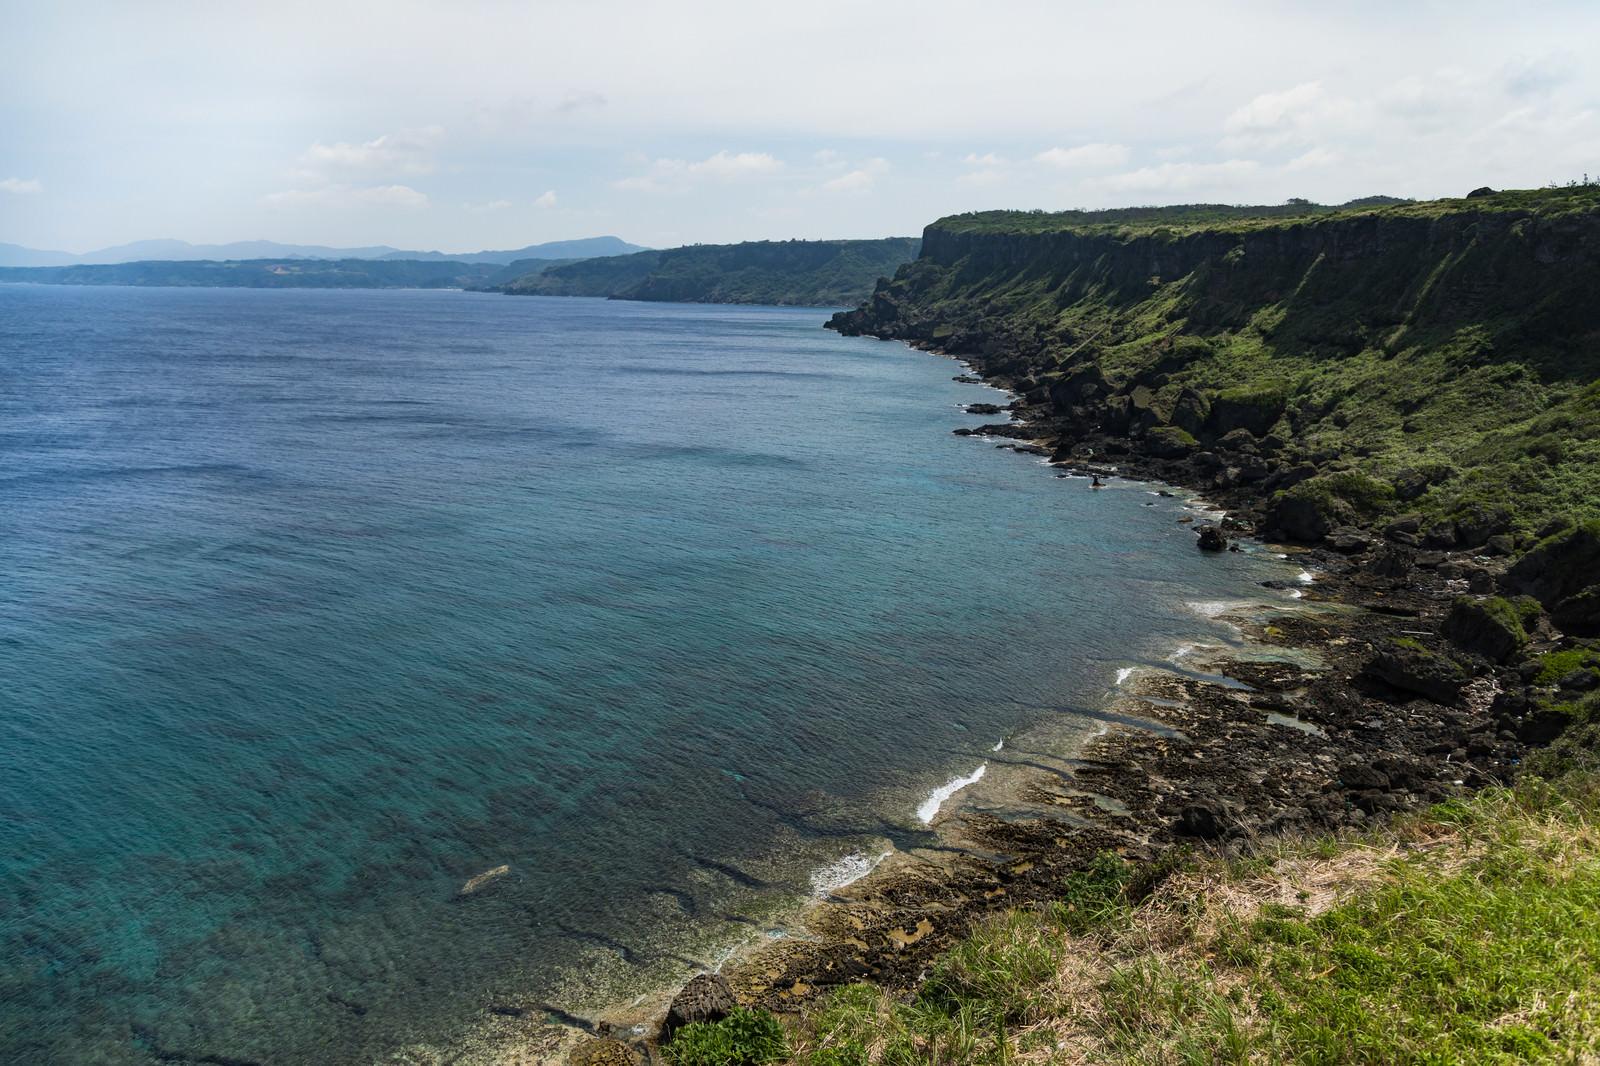 「奄美群島国立公園からの眺め」の写真